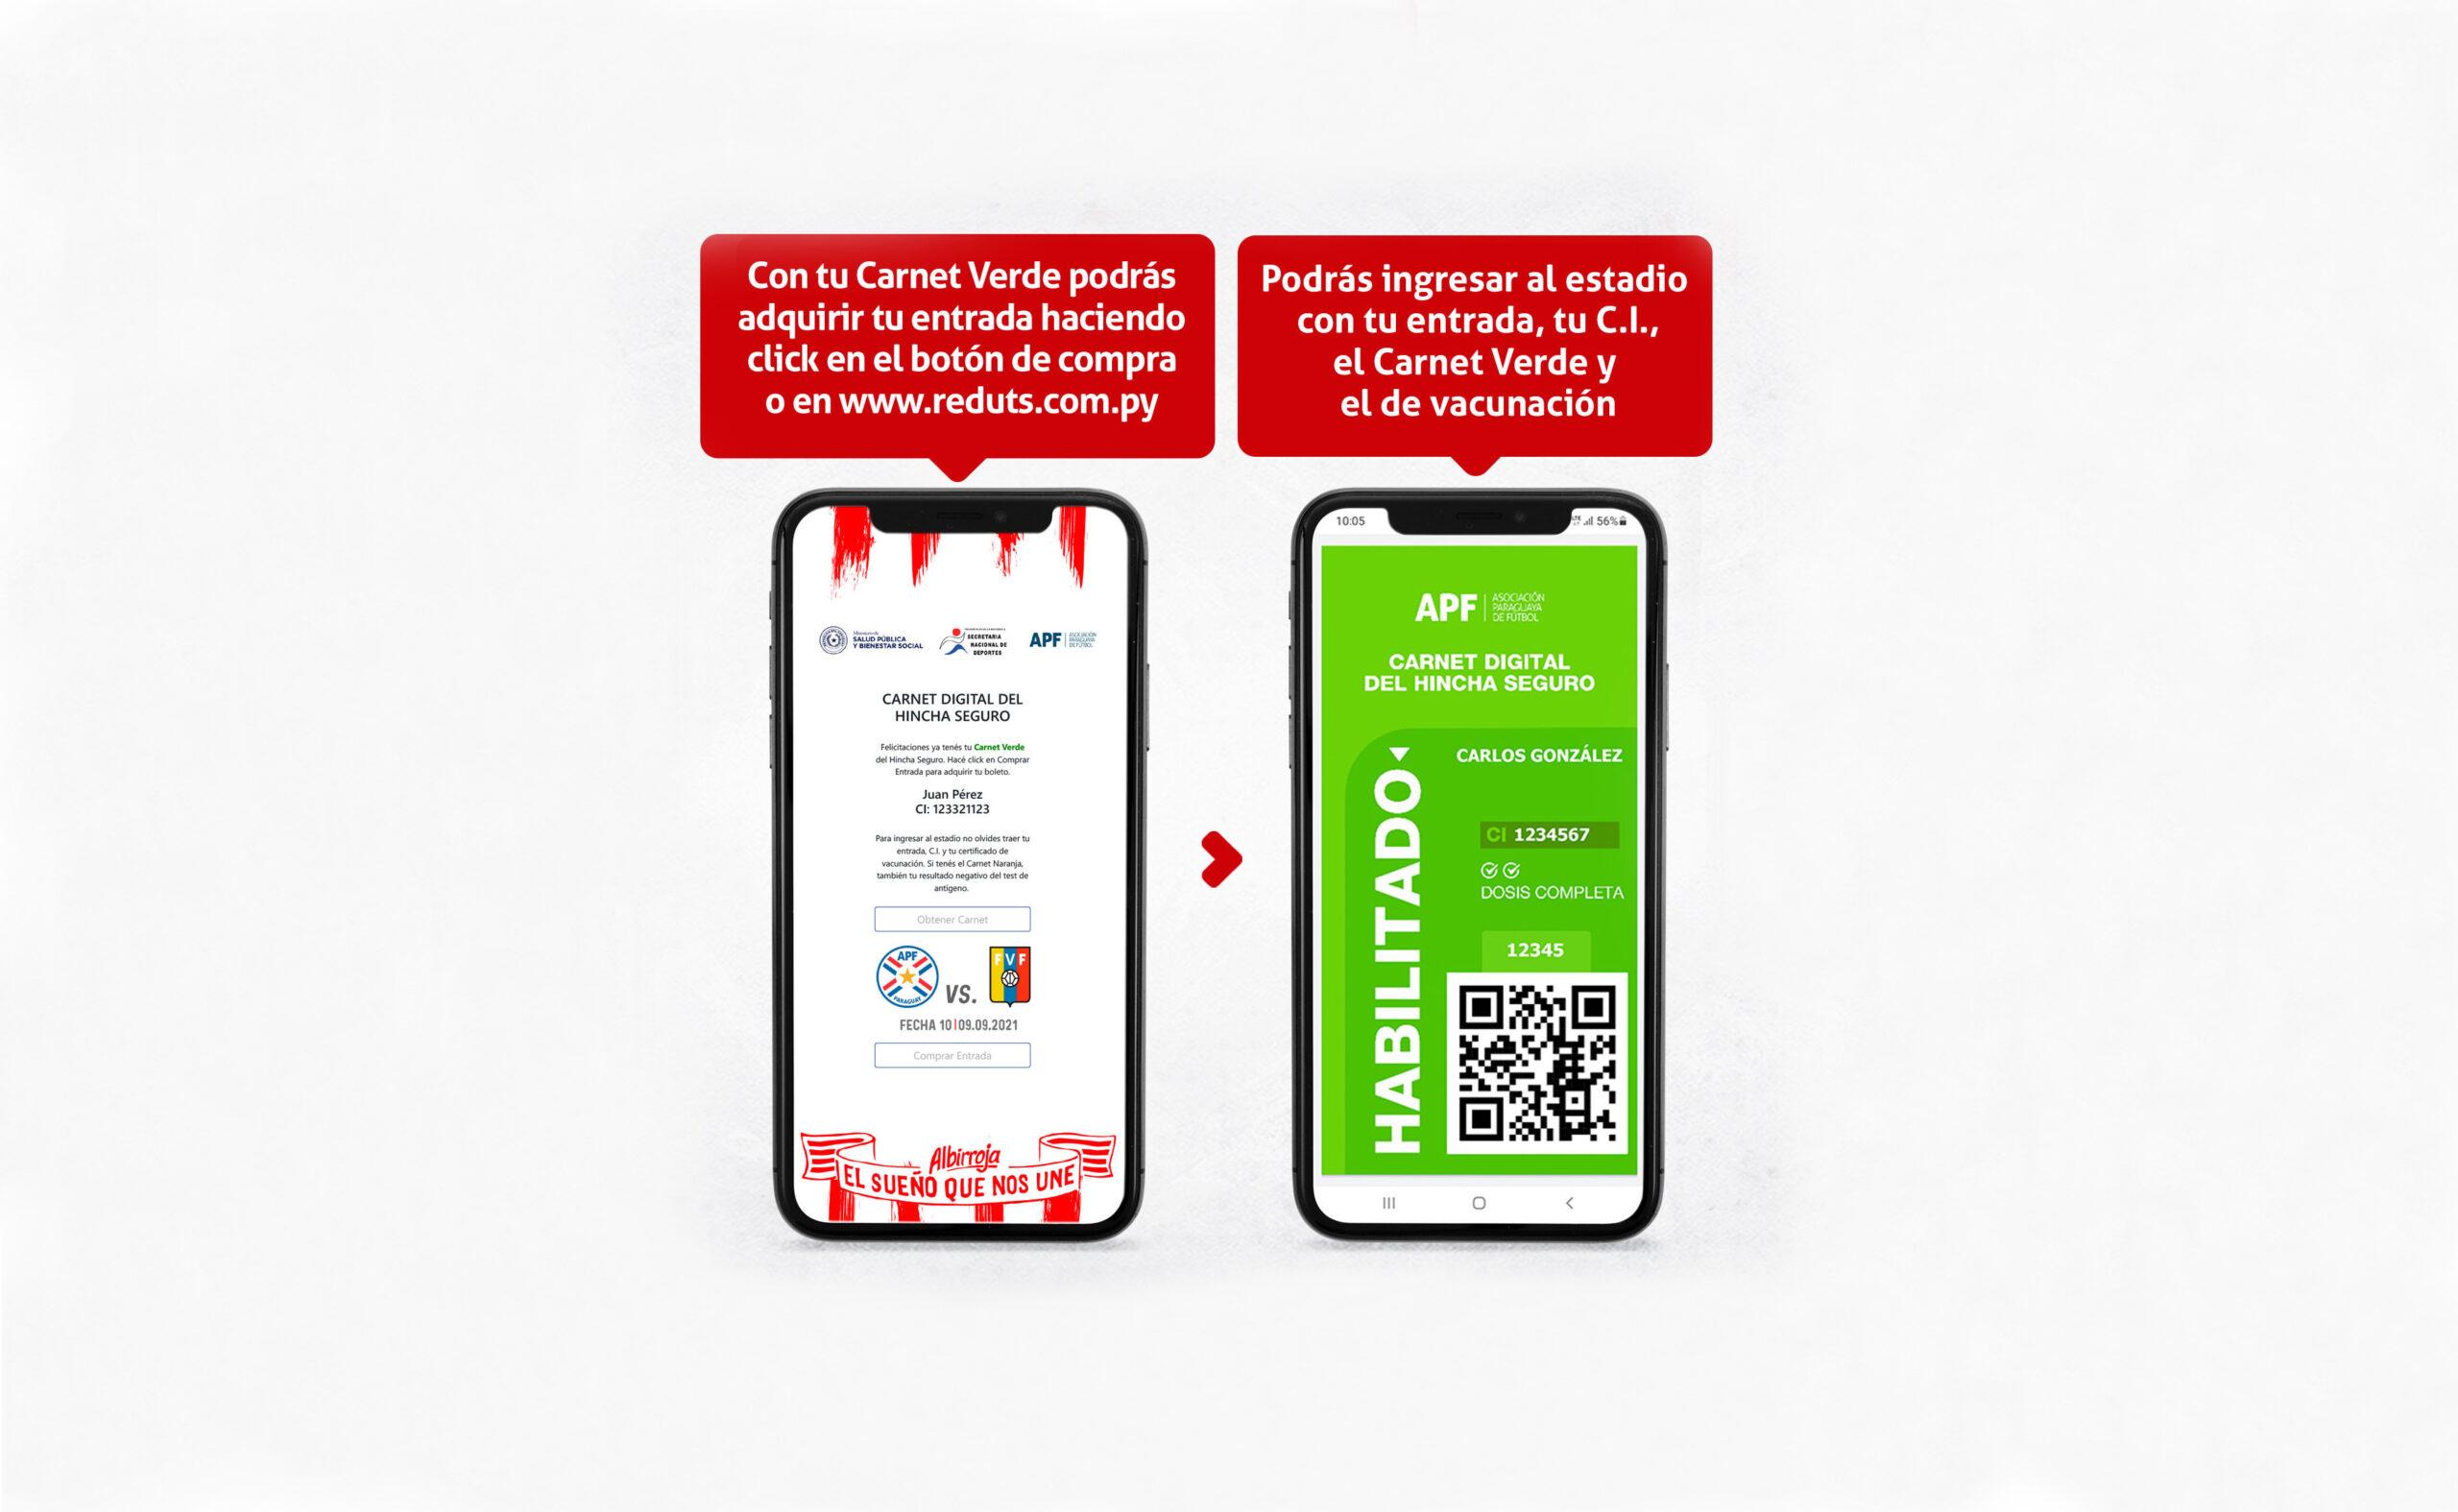 Carnet digital del Hincha Seguro ¿Cómo gestionar?